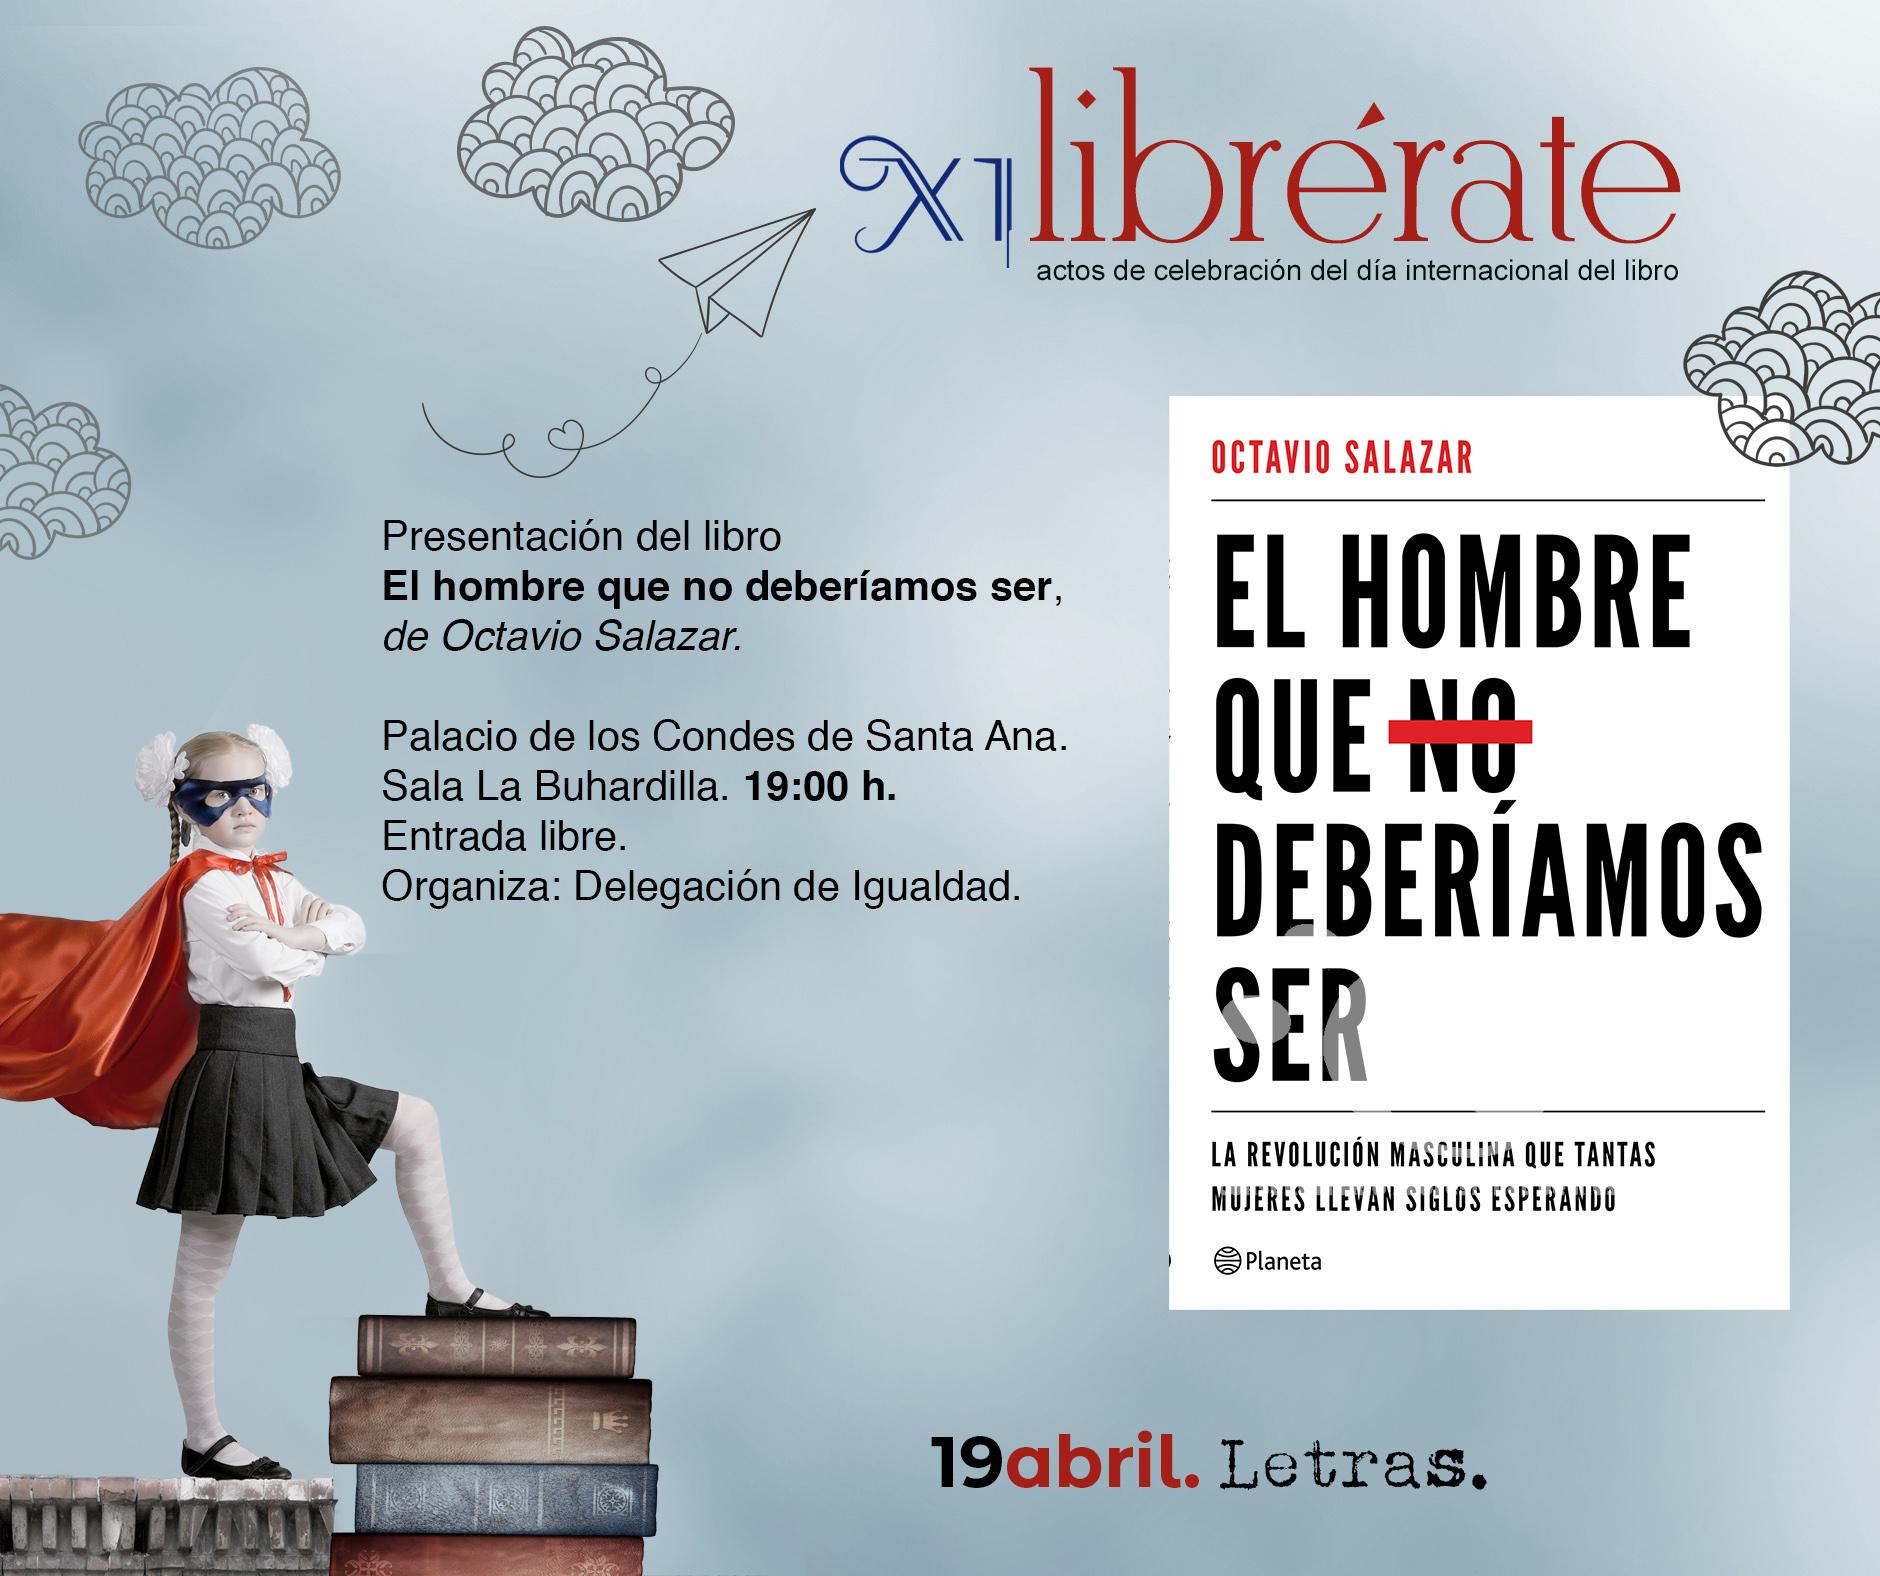 Presentación del libro  El hombre que no deberíamos ser,  de Octavio Salazar @ Palacio de los Condes de Santa Ana